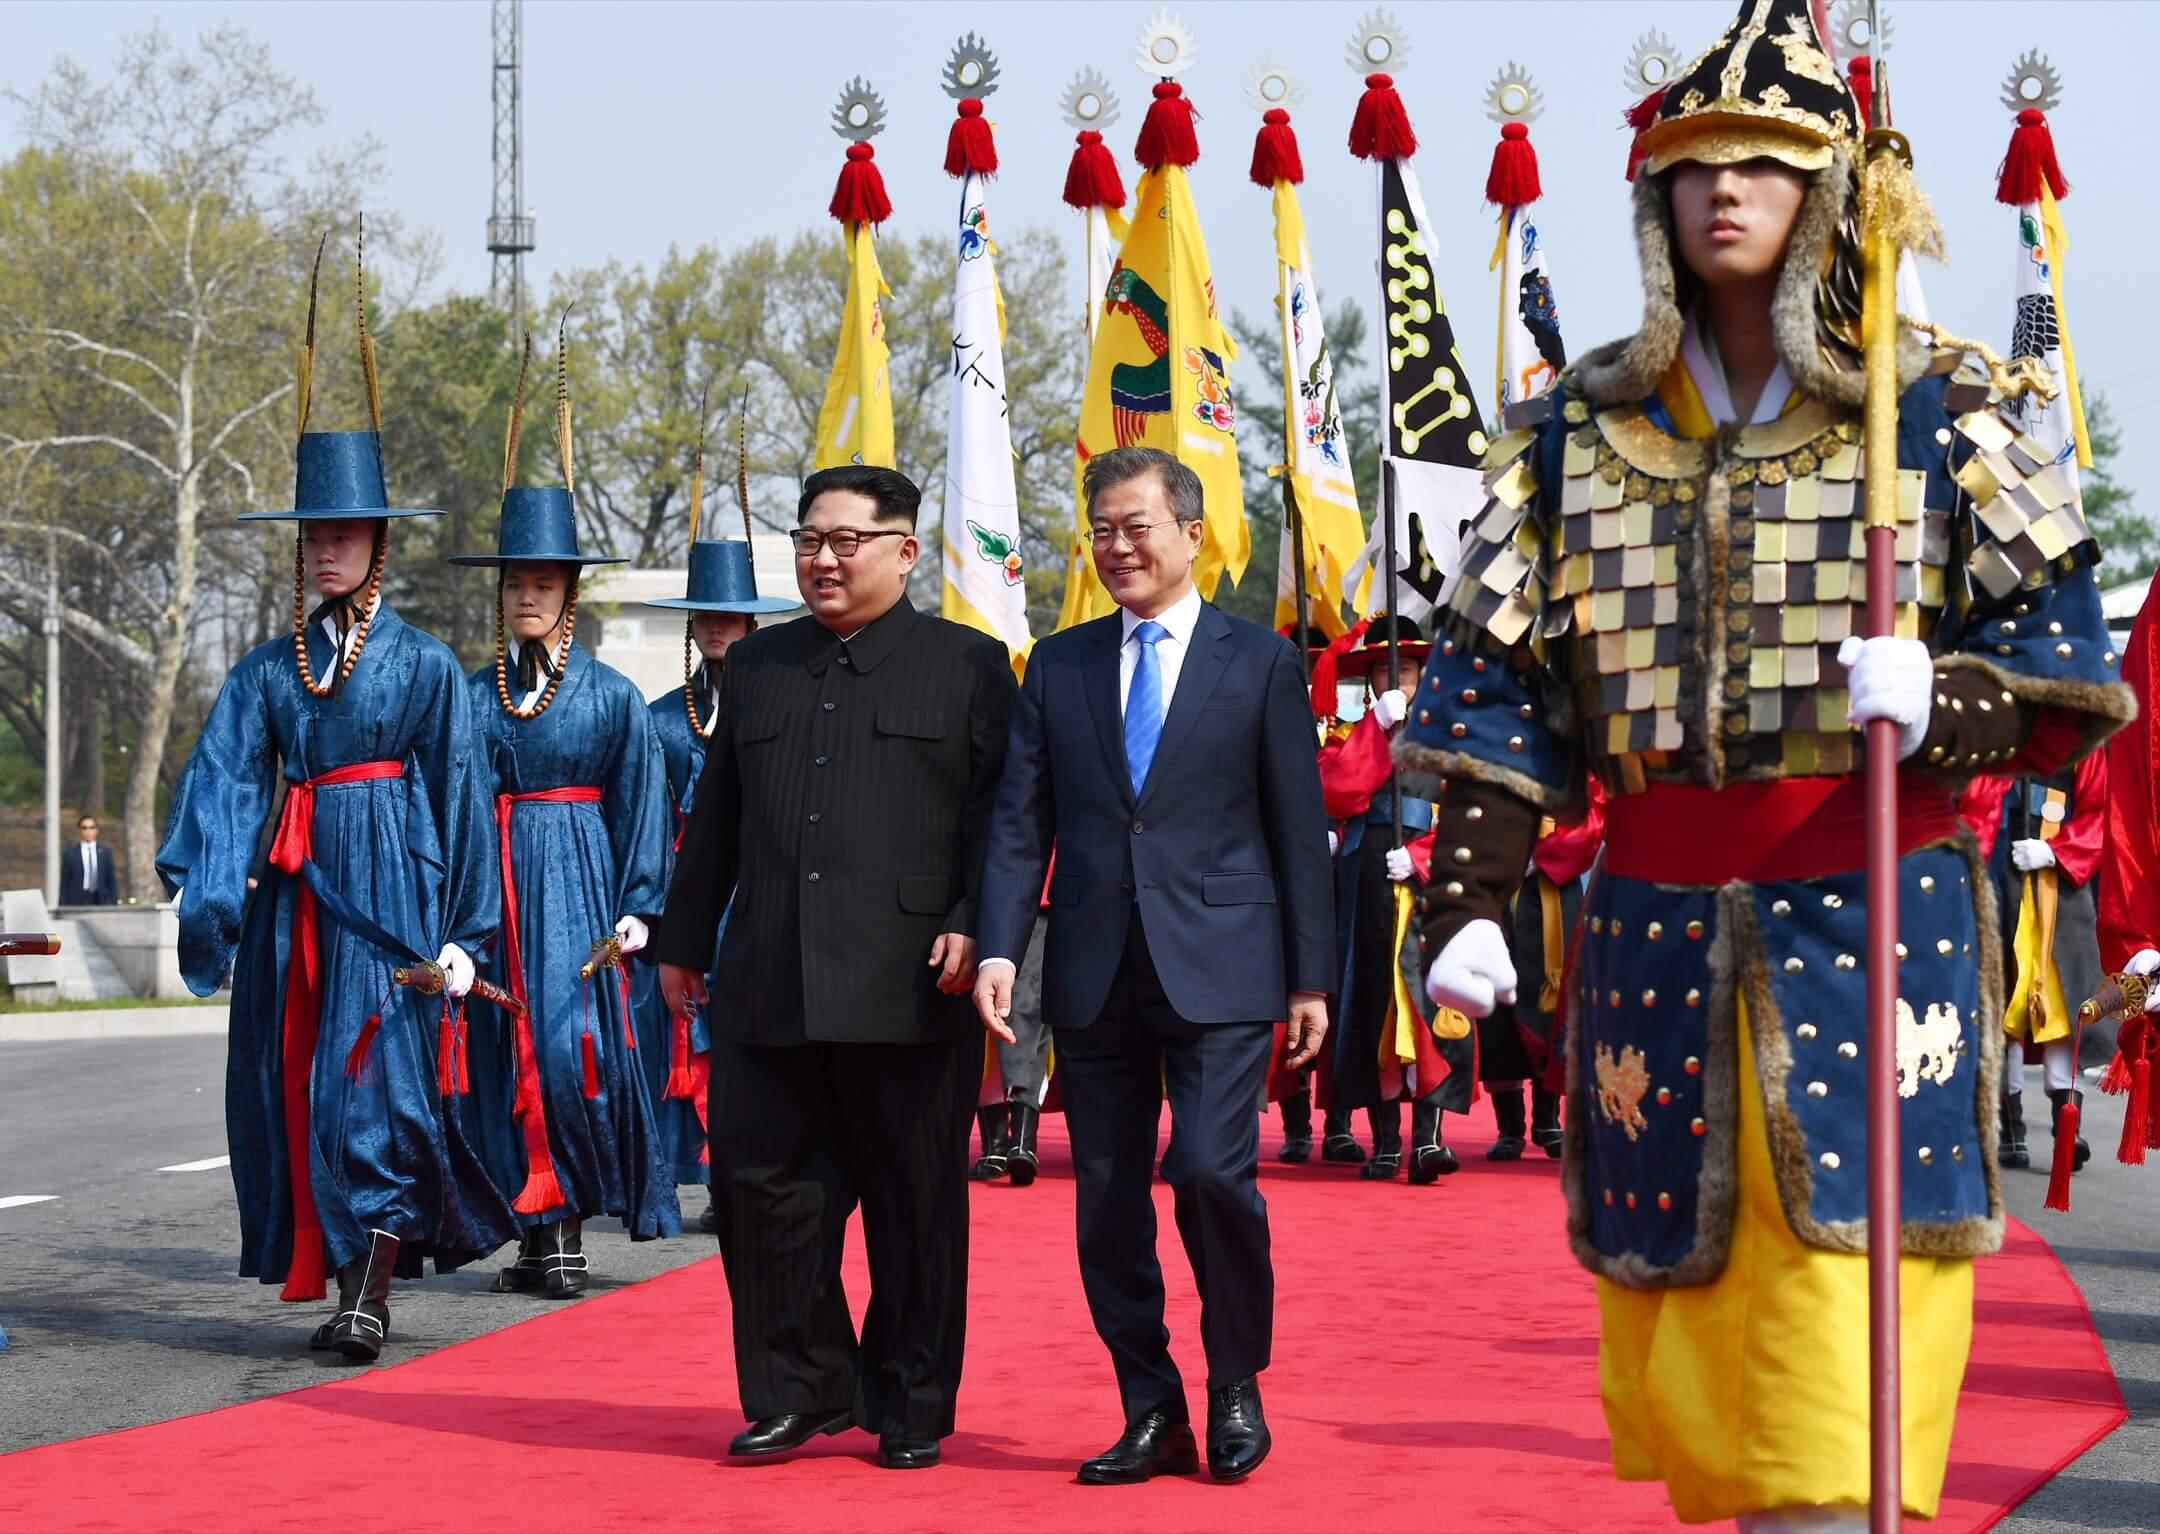 在這個主題被北韓定義為「和平、繁榮和南北交流」的峰會成功之際,幾年來橫亙半島上空的戰爭陰雲瞬息稀薄,前幾個月半島面臨的核戰危機得到極大緩解,和平有了一線生機。 攝:Inter-Korean Summit Press Pool/AFP/Getty Images